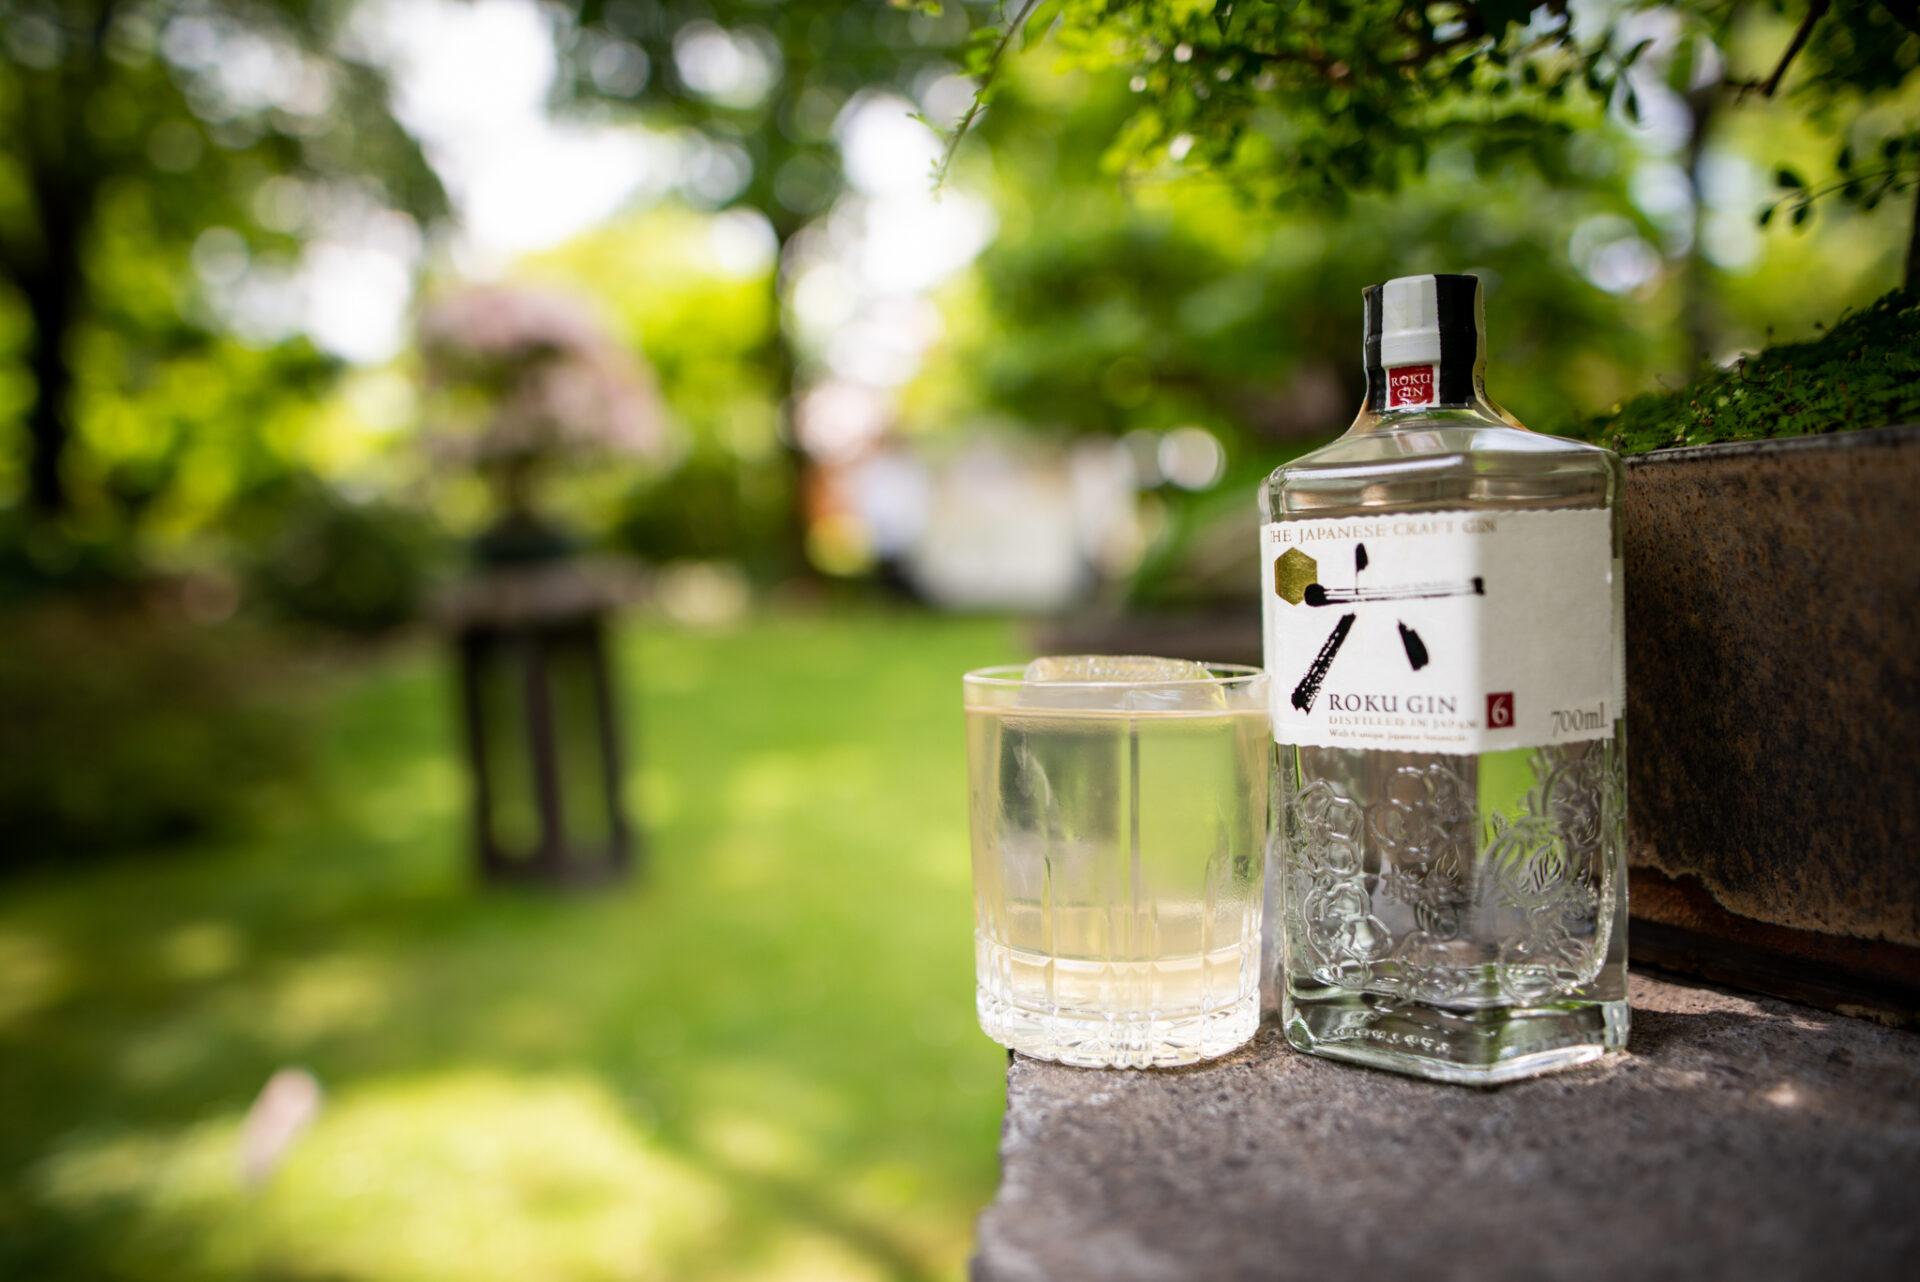 Roku gin teamlet letní drink recept